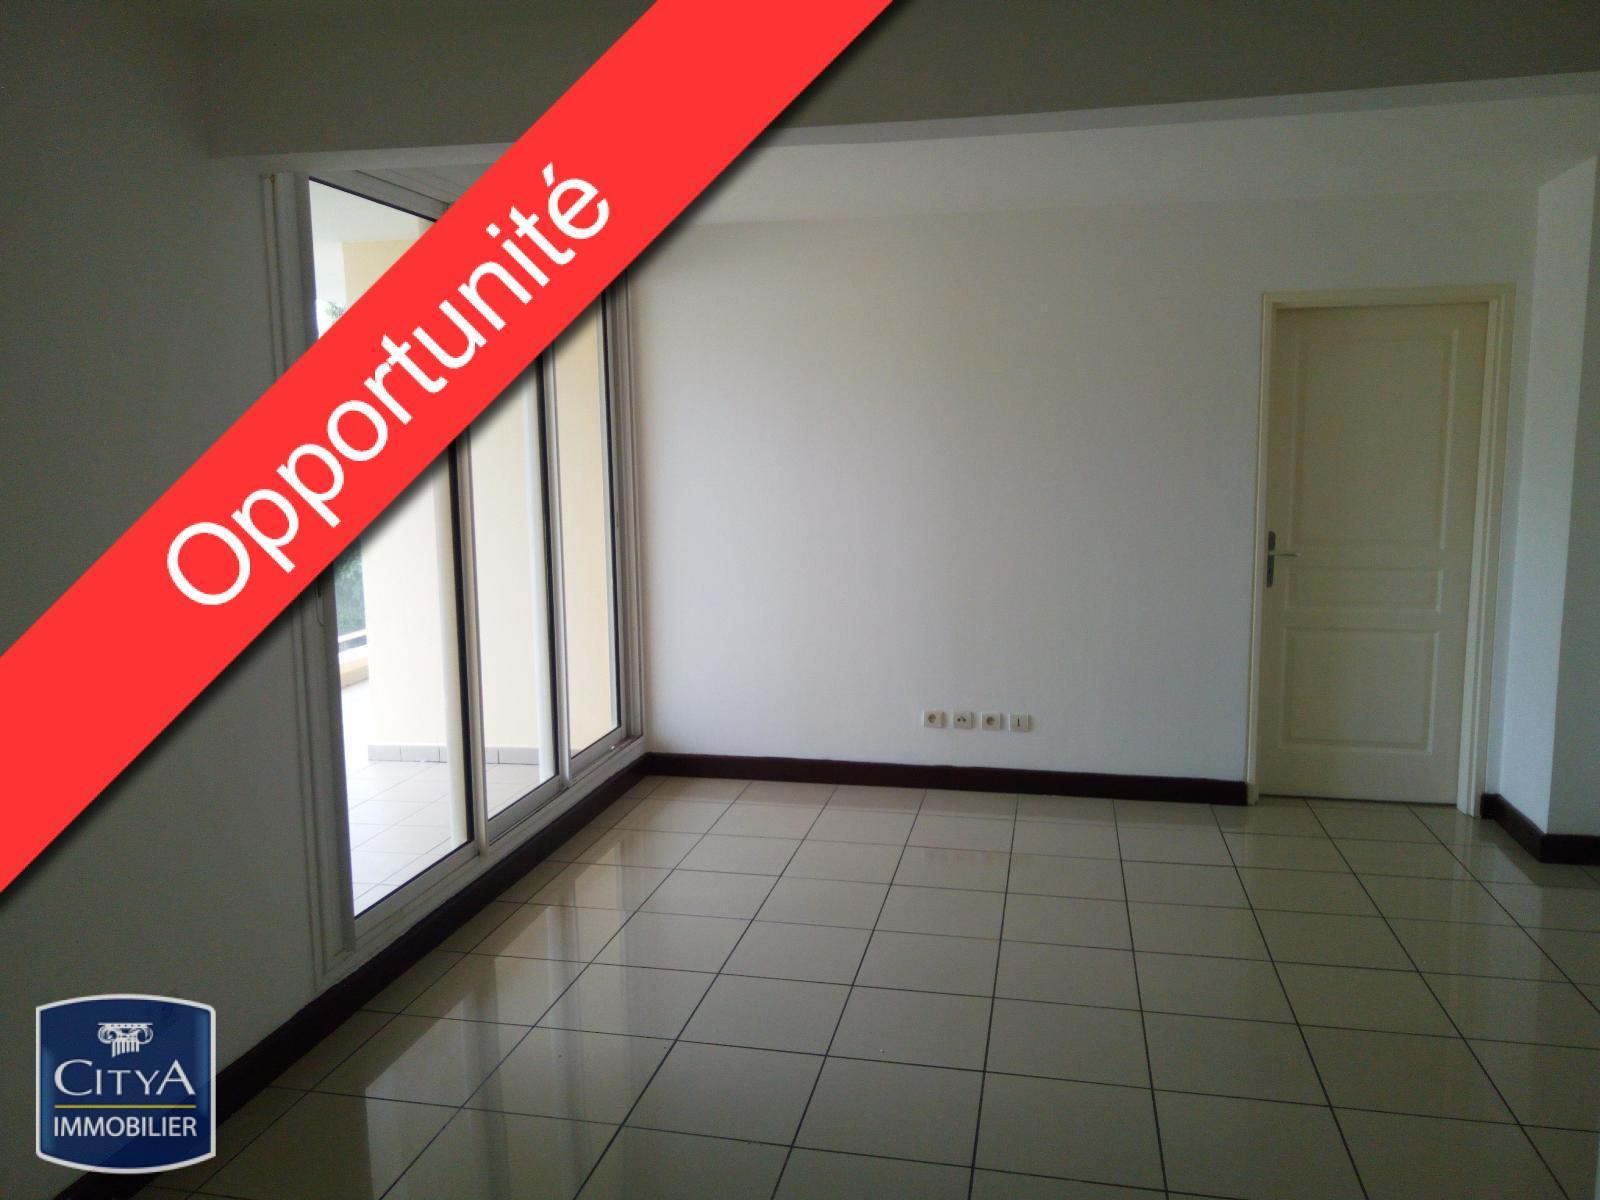 Appartement 3 pièces 54 m²